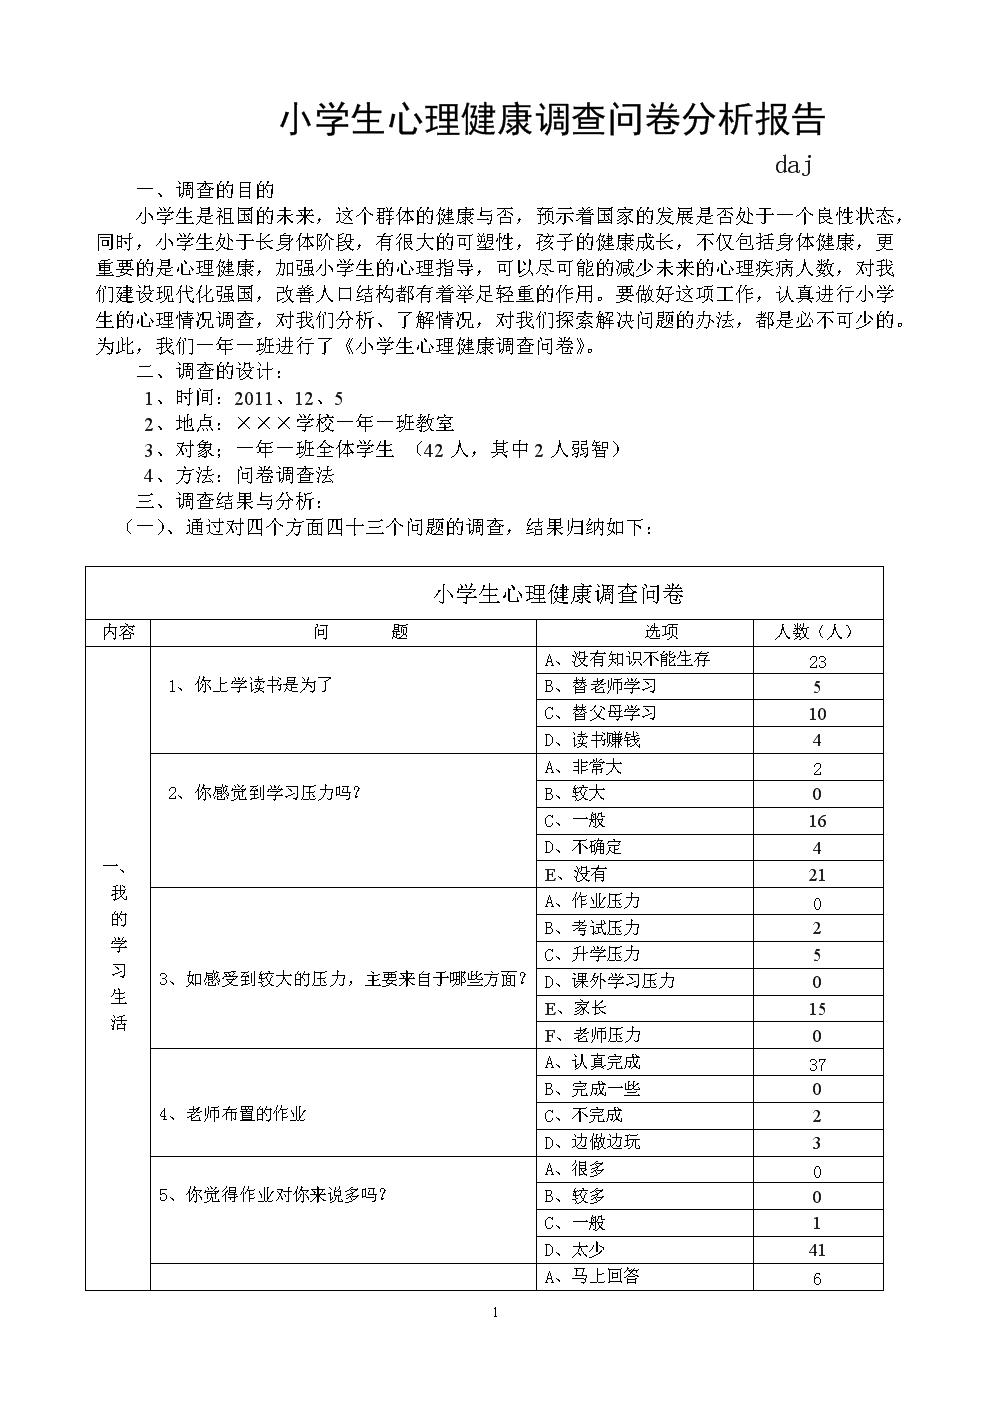 〈小学生心理健康调查问卷分析报告〉.doc图片